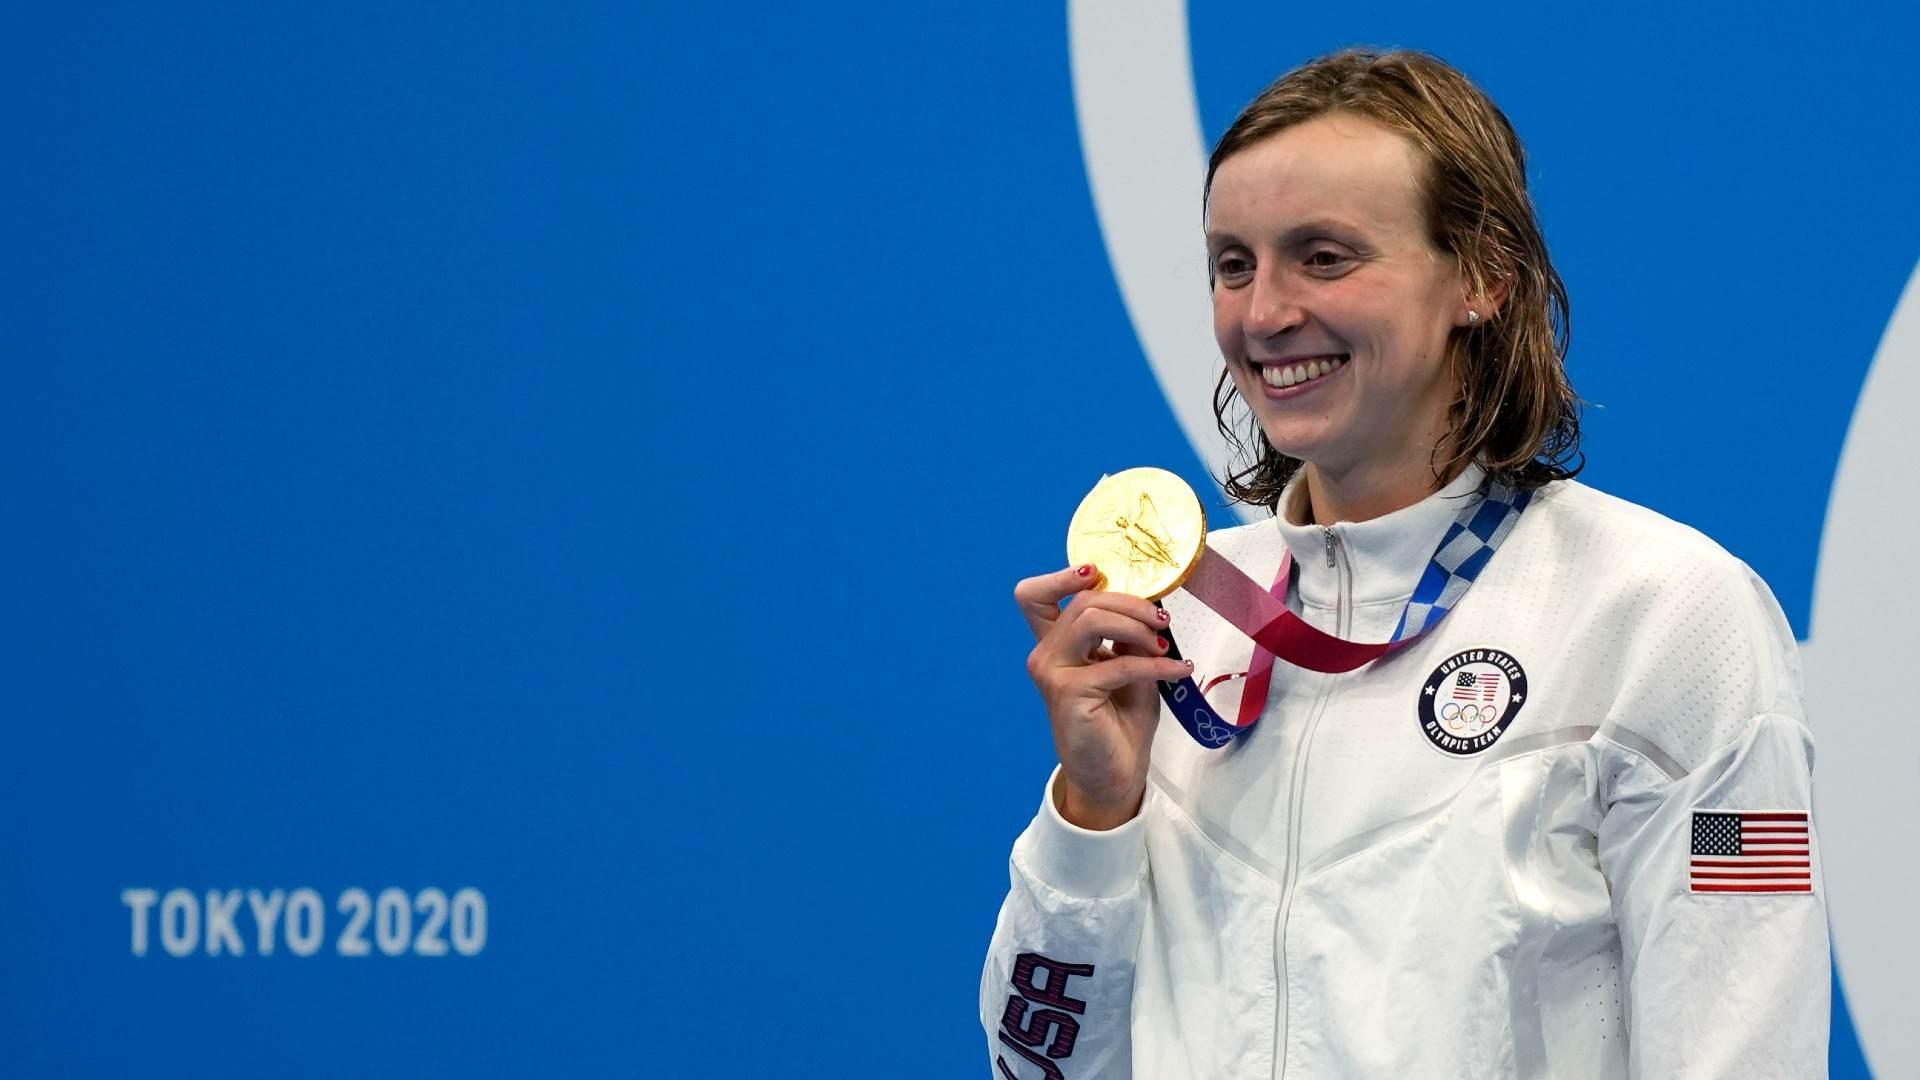 Katie Ledecky, nadadora dos EUA, medalha de ouro nos 1500m livre da natação